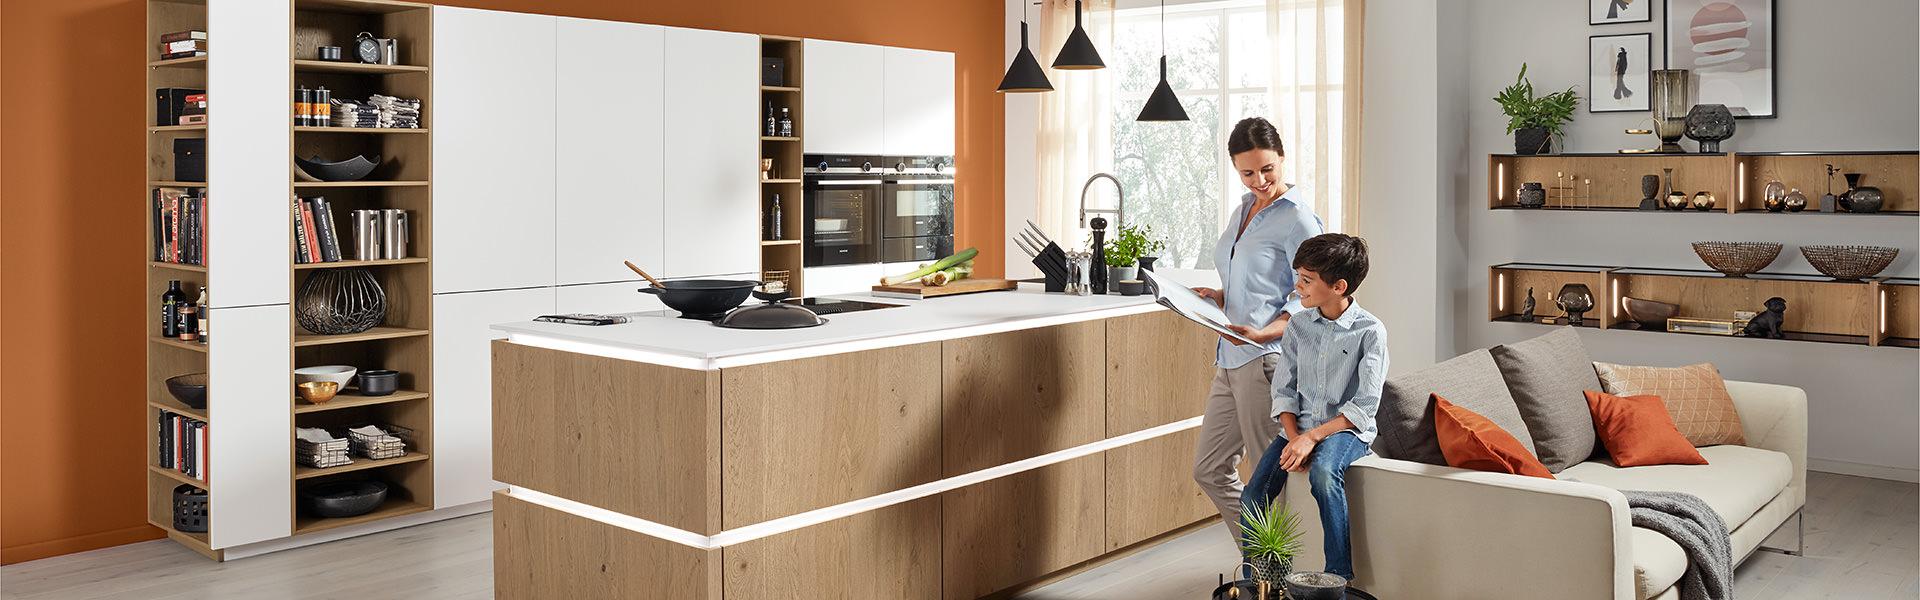 Full Size of Ausstellungsküchen Designo Kchen Ausstellungskchen Wohnzimmer Ausstellungsküchen